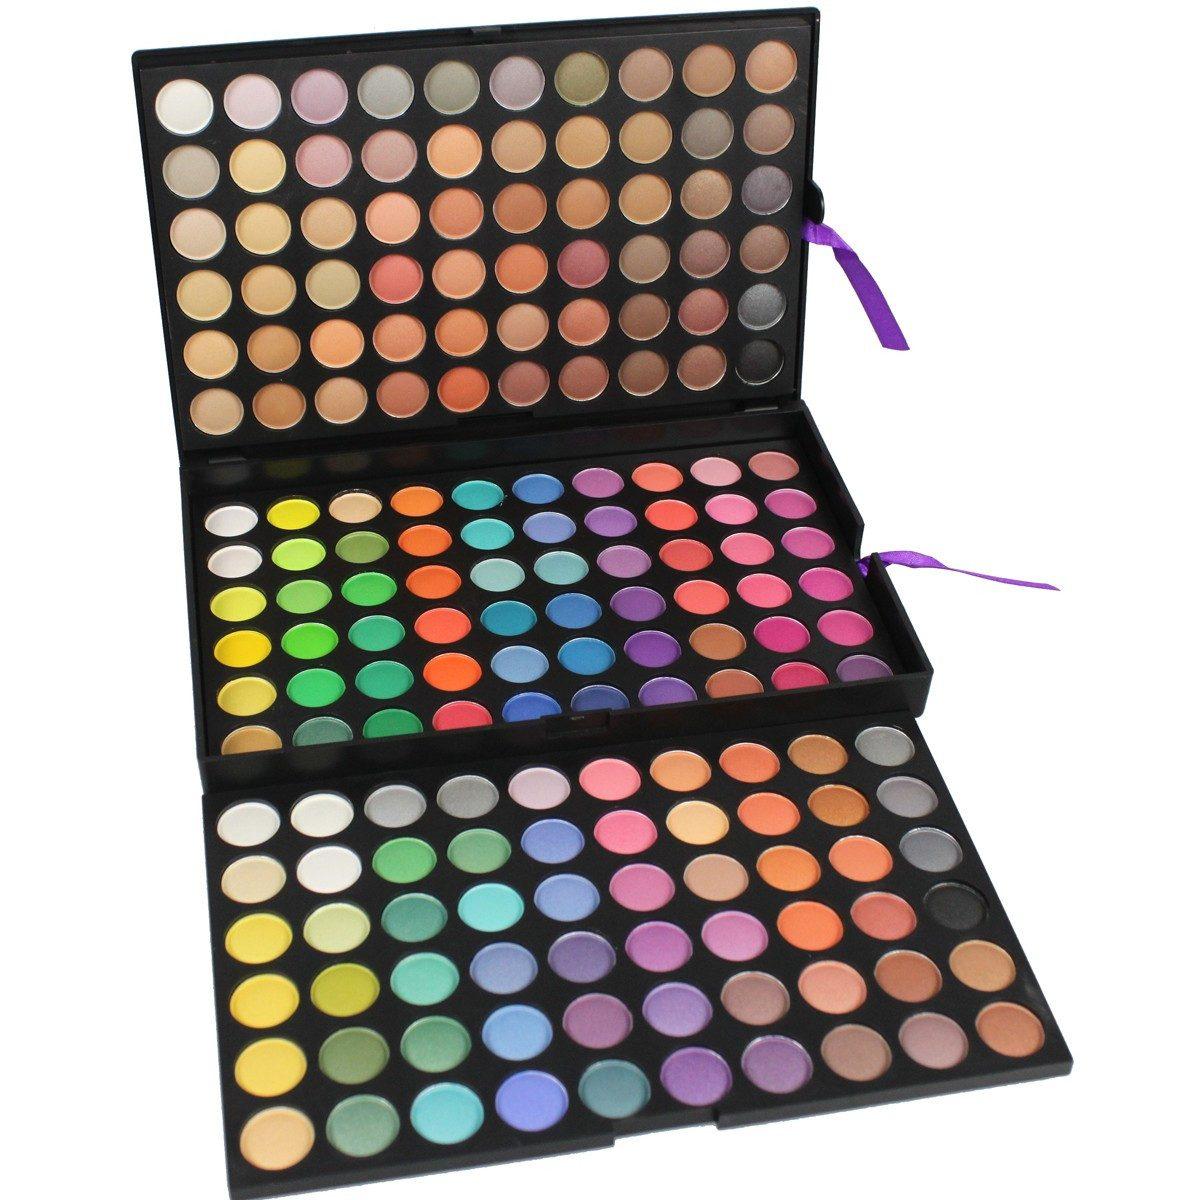 paleta de sombras mac 120 cores